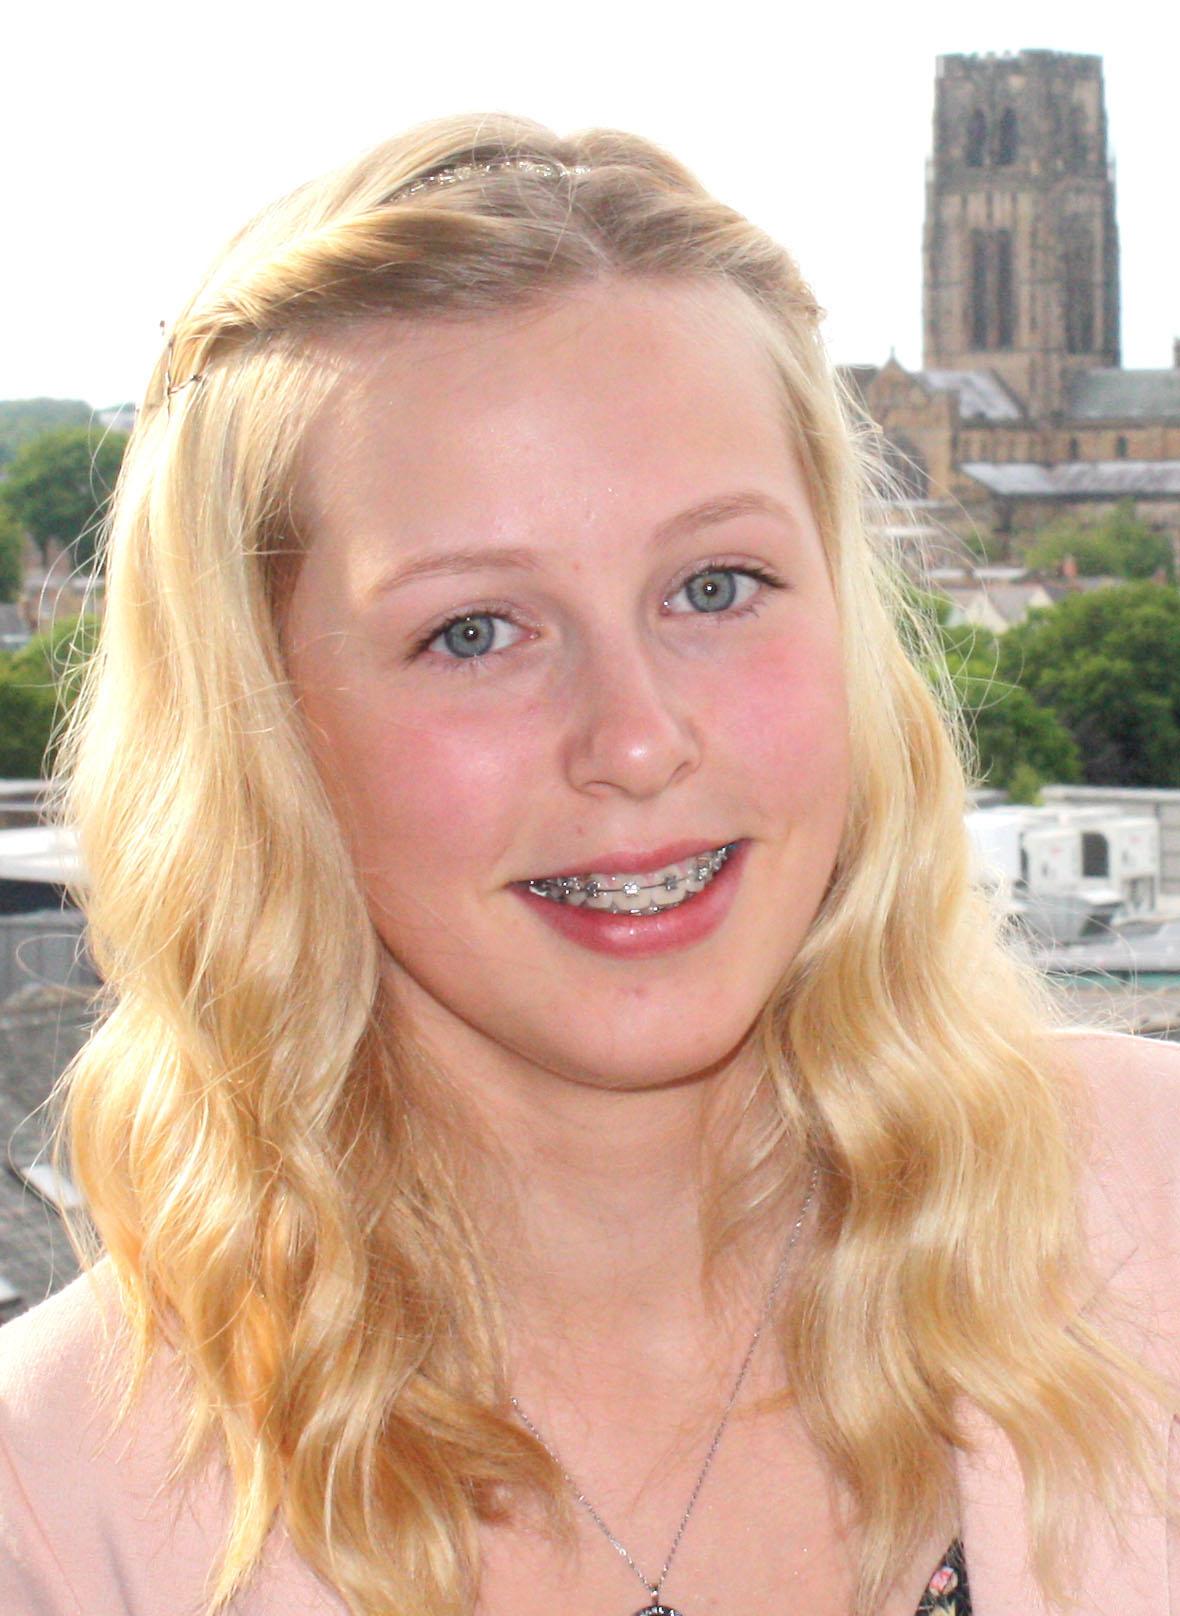 Town Student Receives Prestigious Award